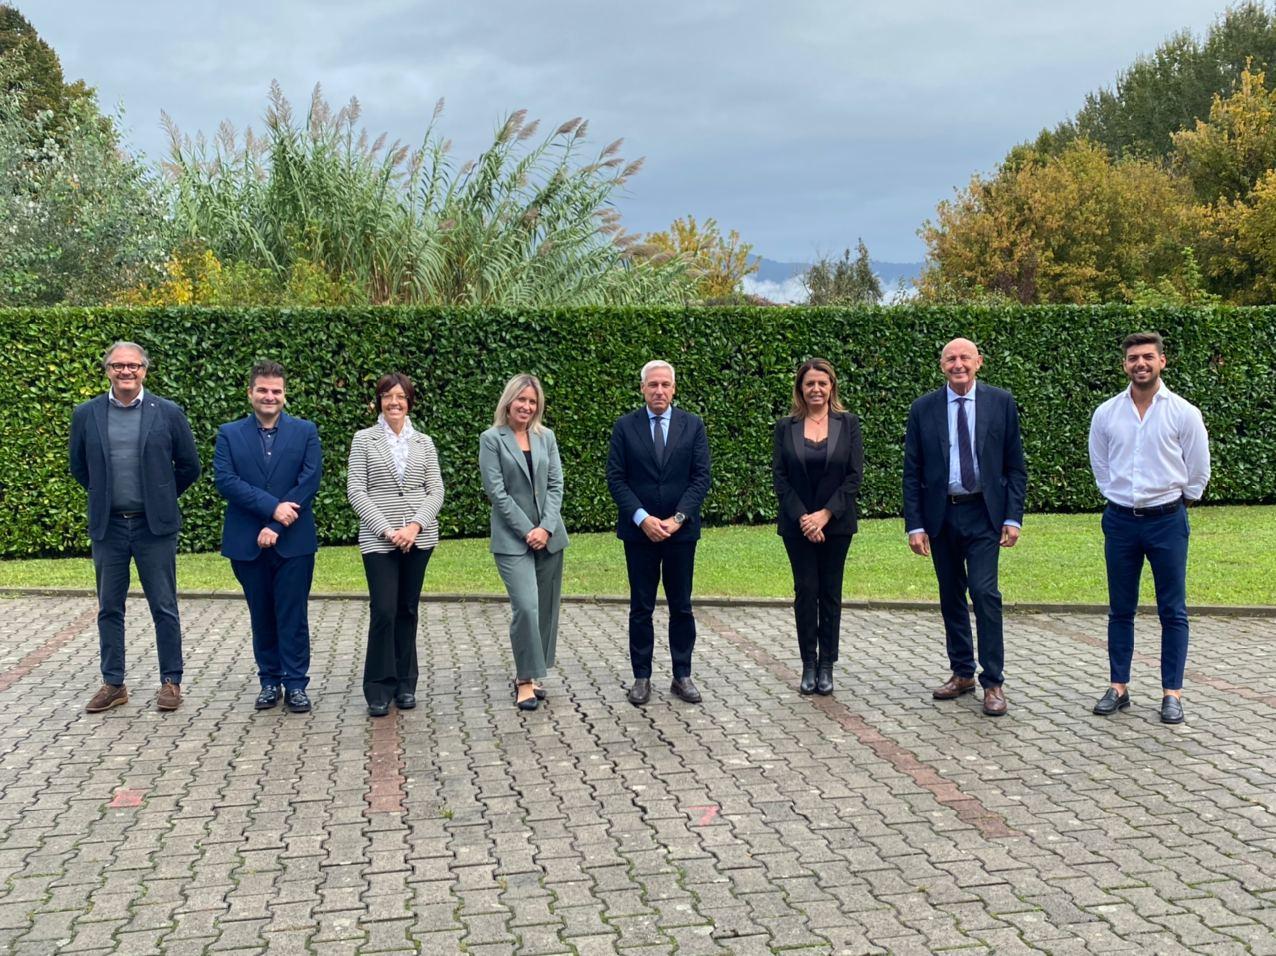 Il sindaco Giorgio Del Ghingaro ha nominato la giunta: sette assessori, quattro uomini e tre donne